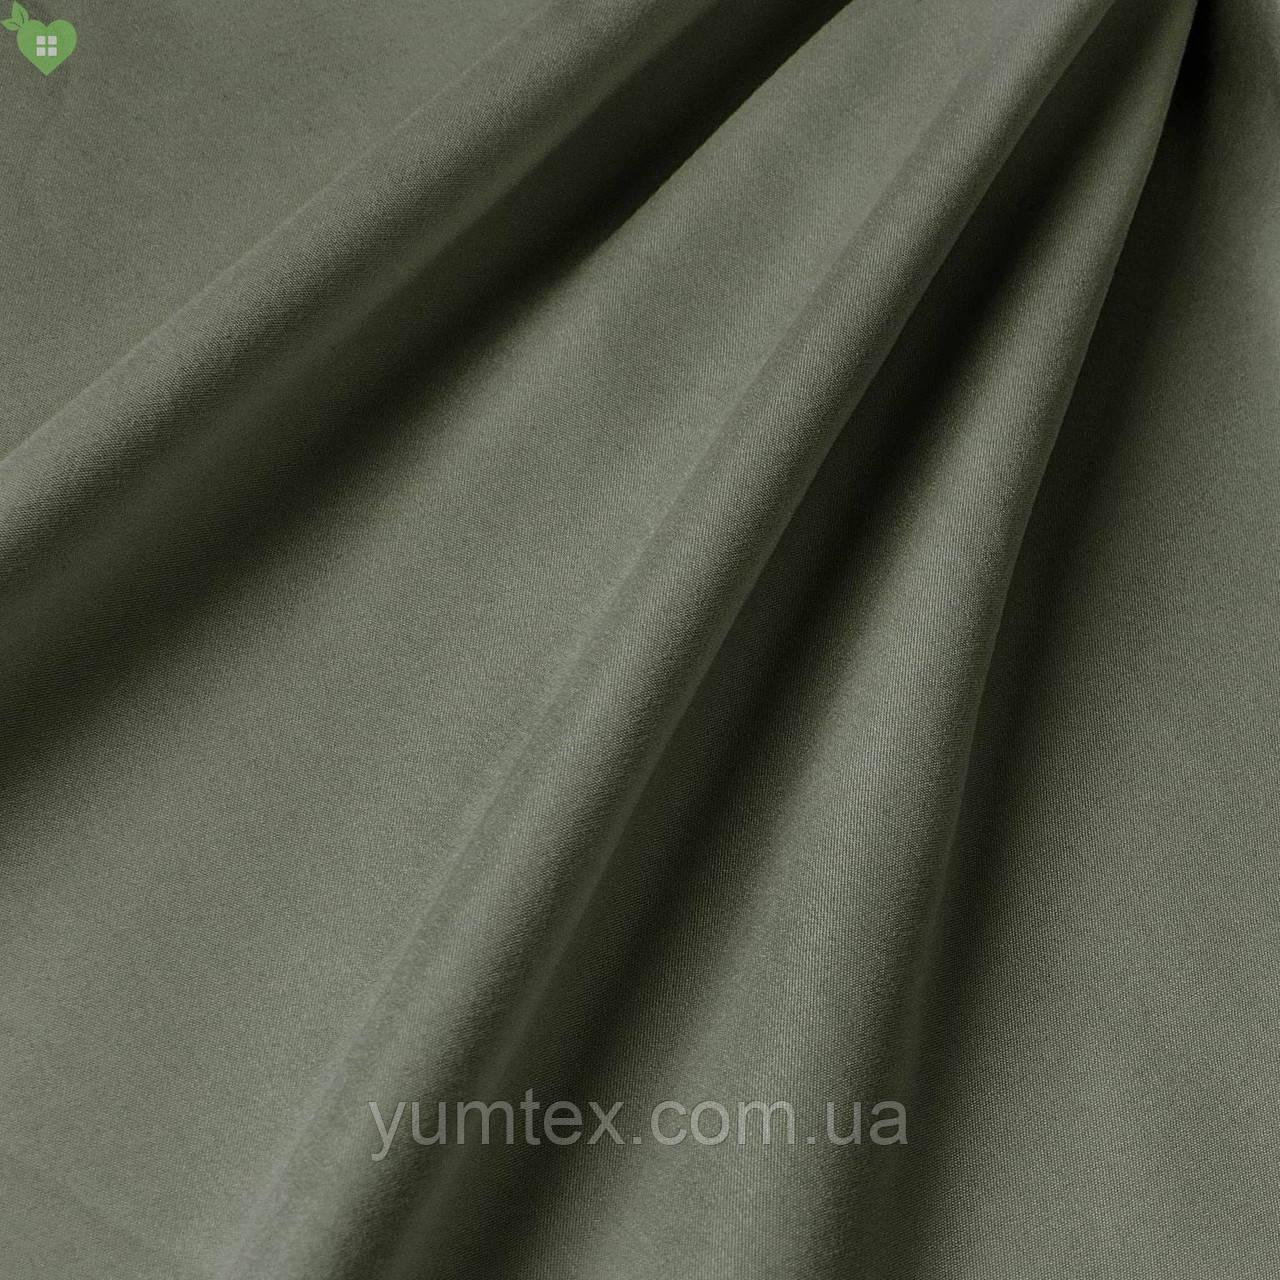 Подкладочная ткань матовая фактура темно-оливкового цвета без рисунка Испания